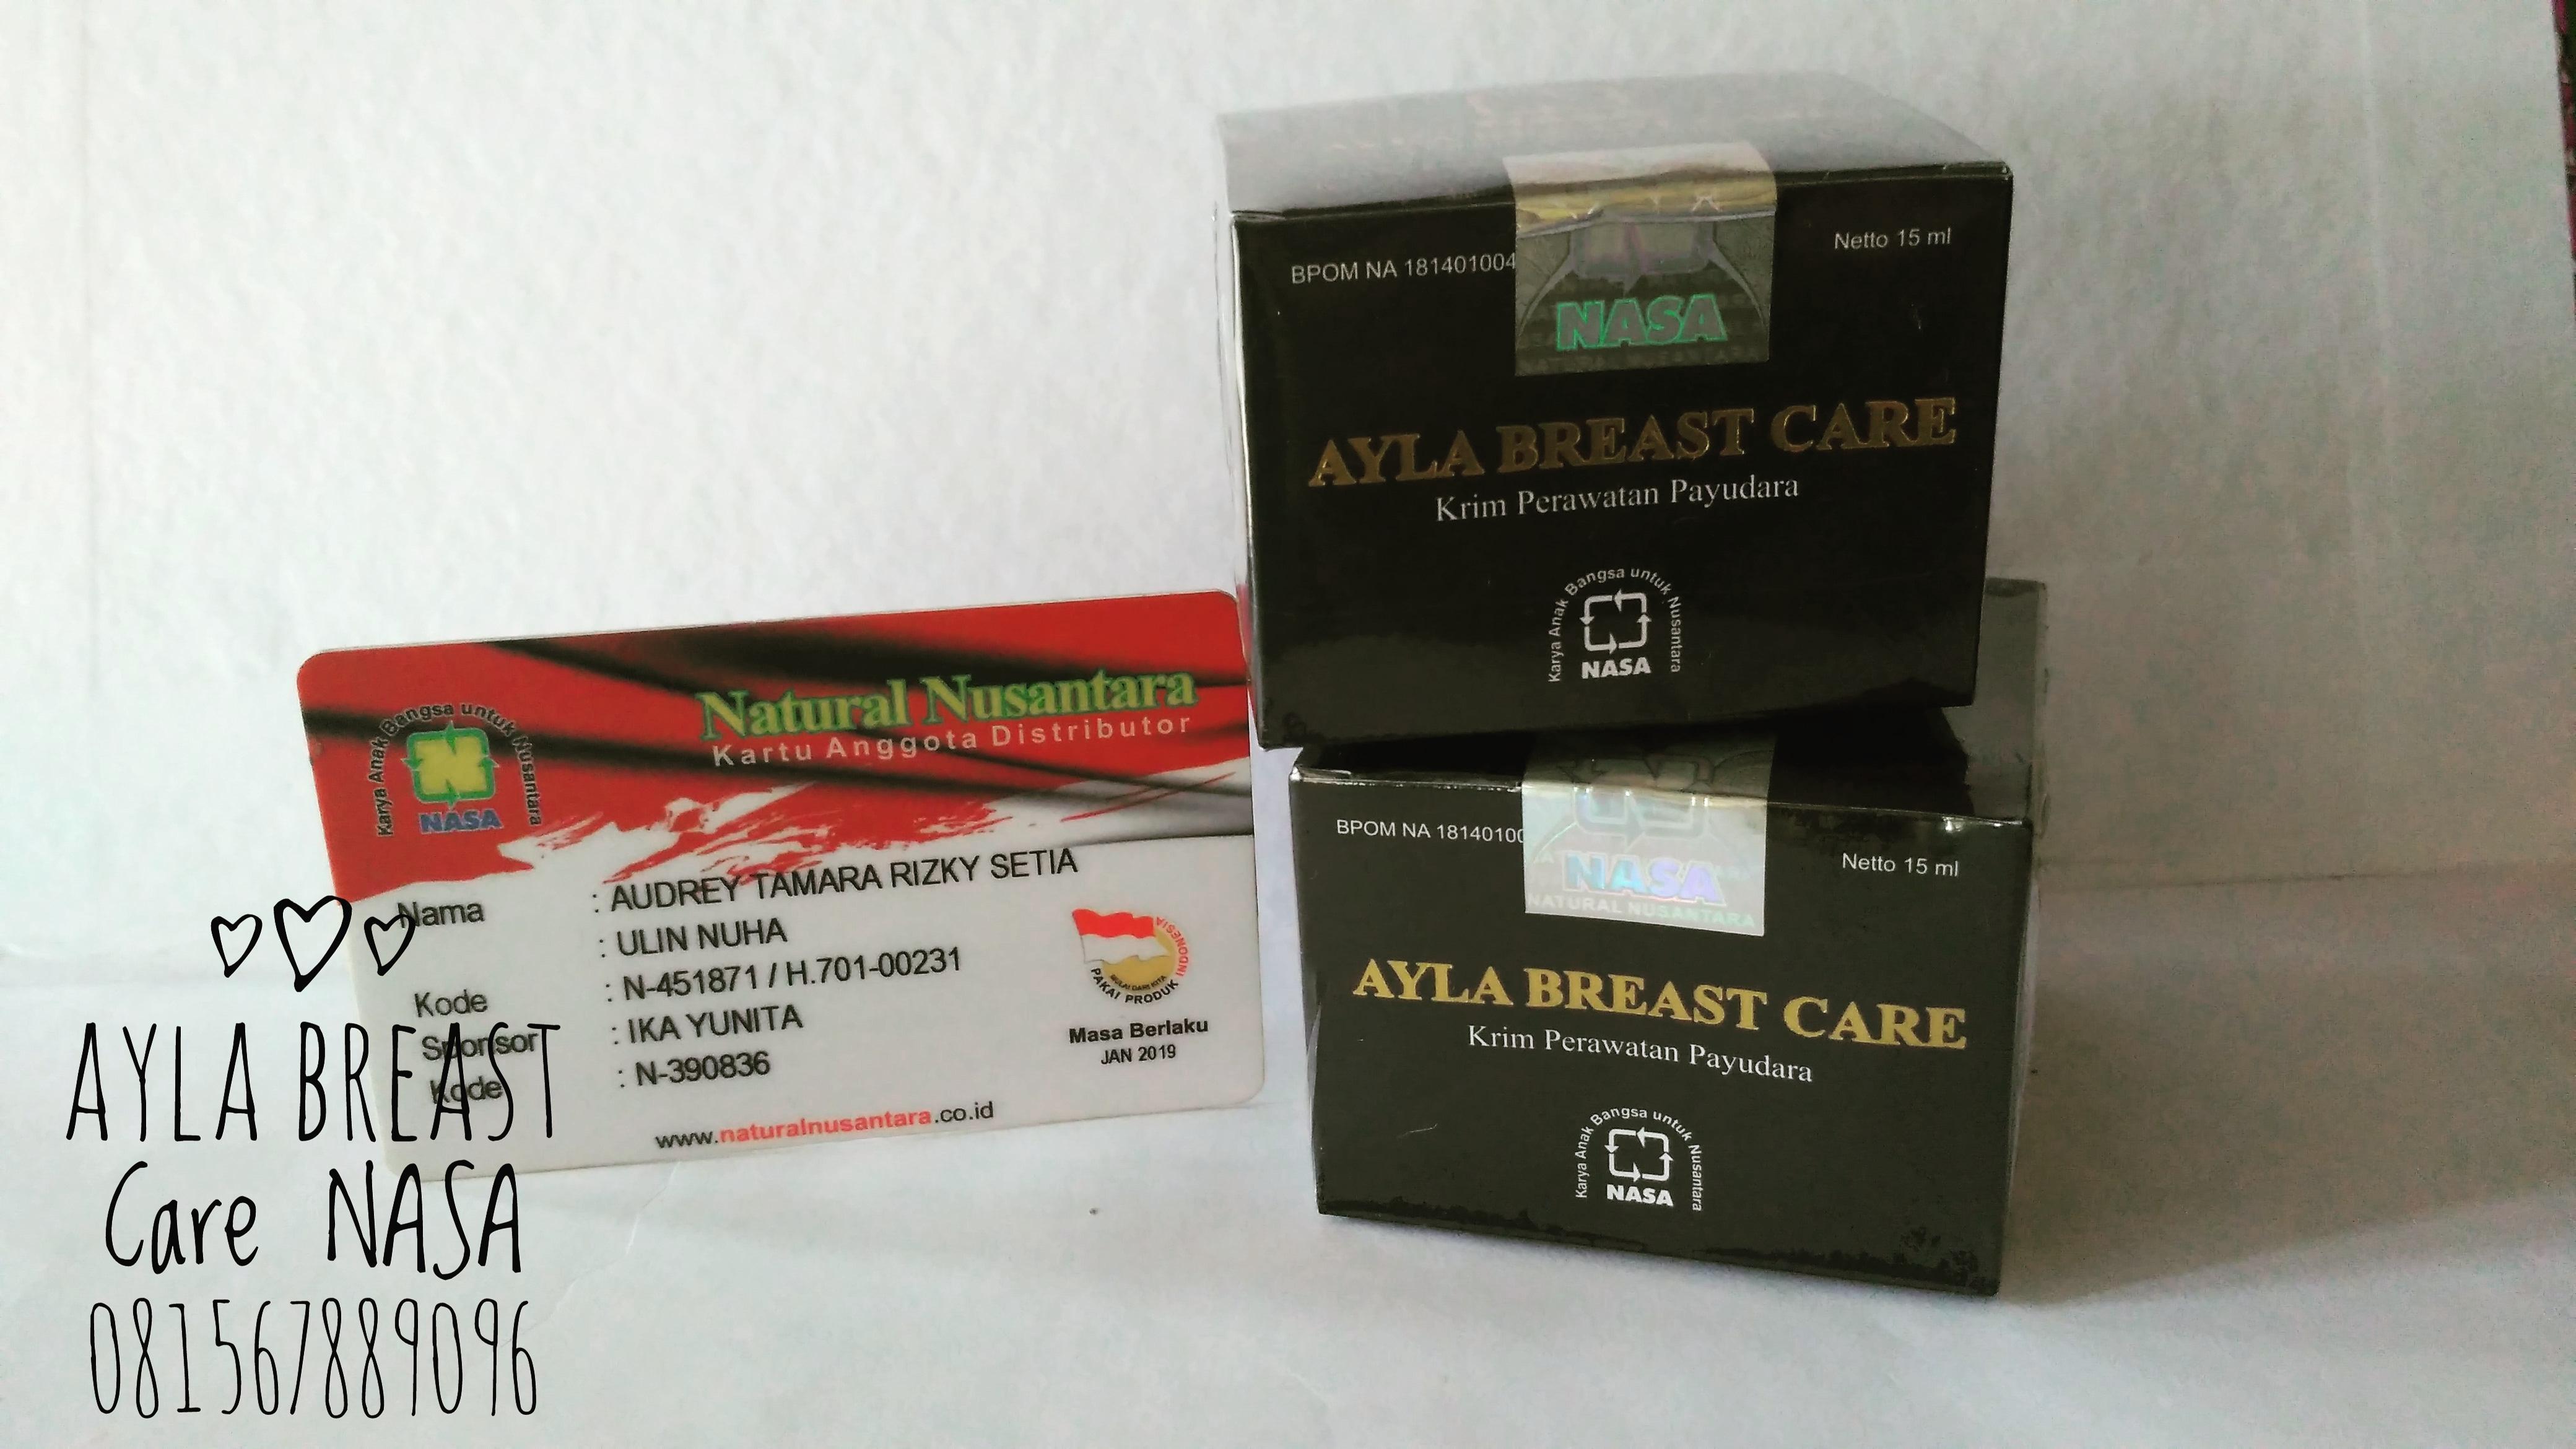 Beli Ayla Breast Care Nasa Original Bonus Free Pouch Perawatan Payudara Online Murah